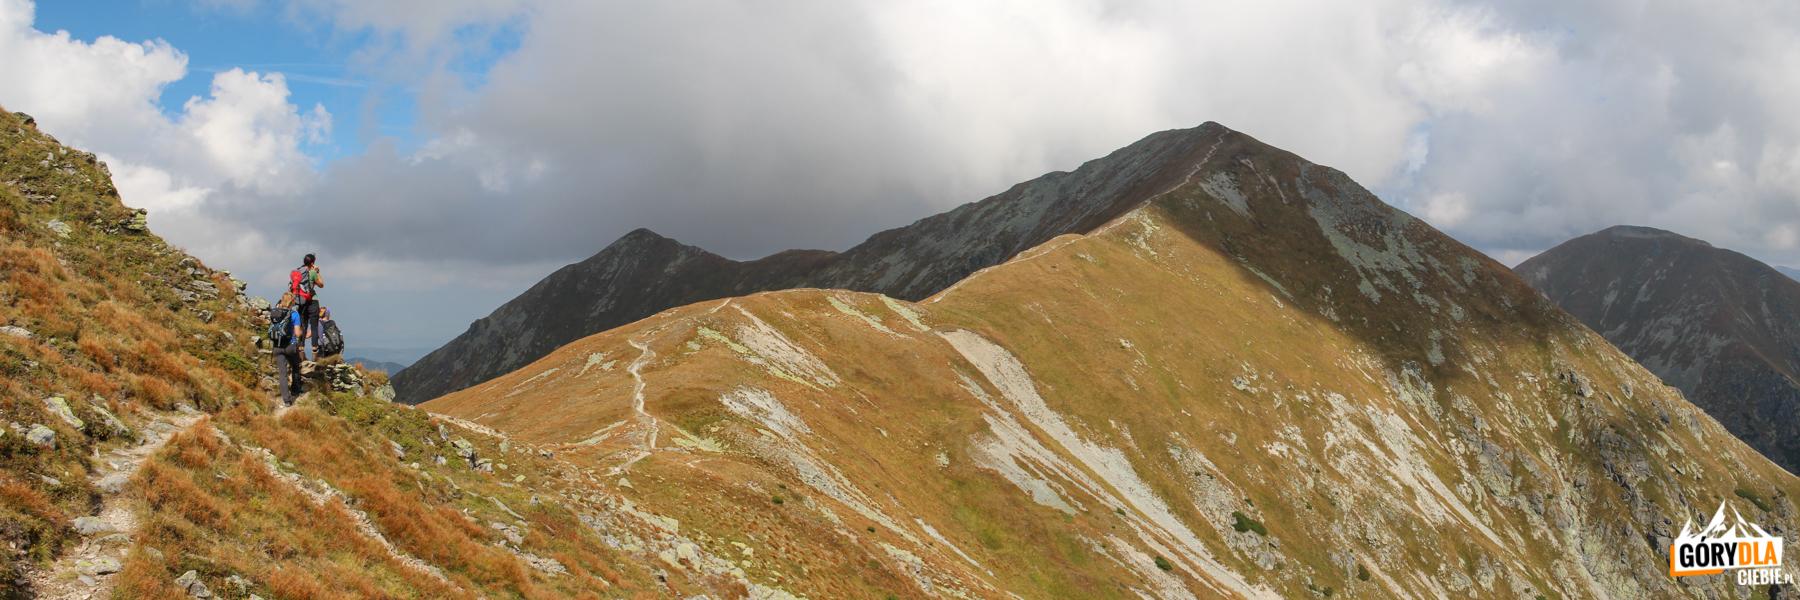 Jakubińską Przełęcz (2069 m) i Raczkowa Czuba (2194 m), dalej Jarząbczy Wierch (Hruby vrch) 2137 m